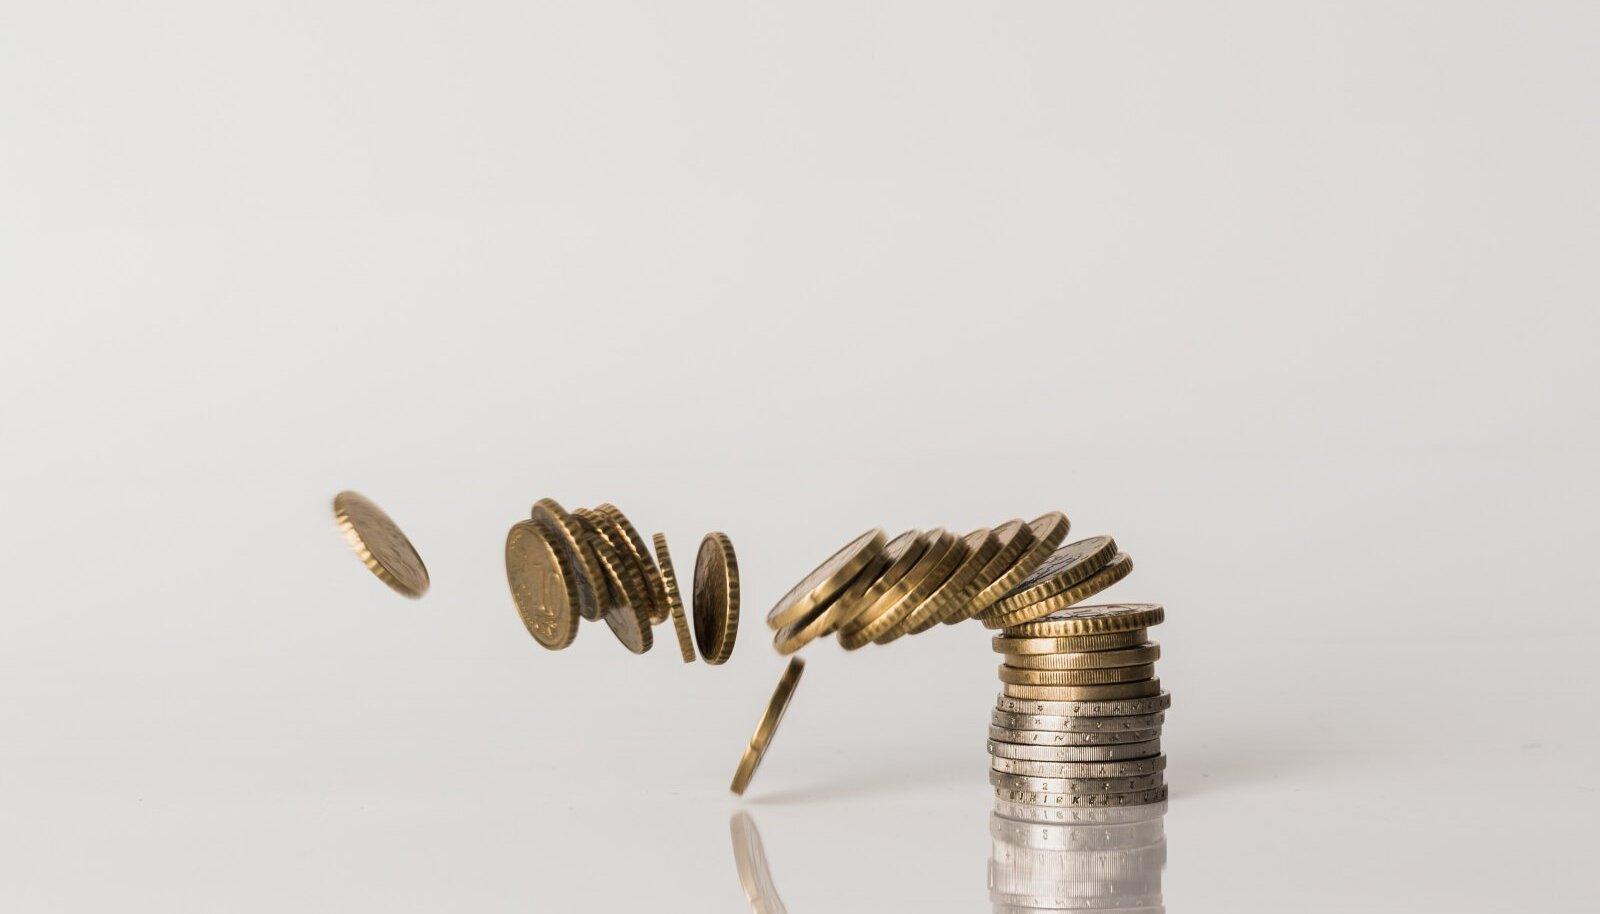 Nüüd on inimestel võimalus ise otsustada, mis nad oma teise pensionisambaga teevad.